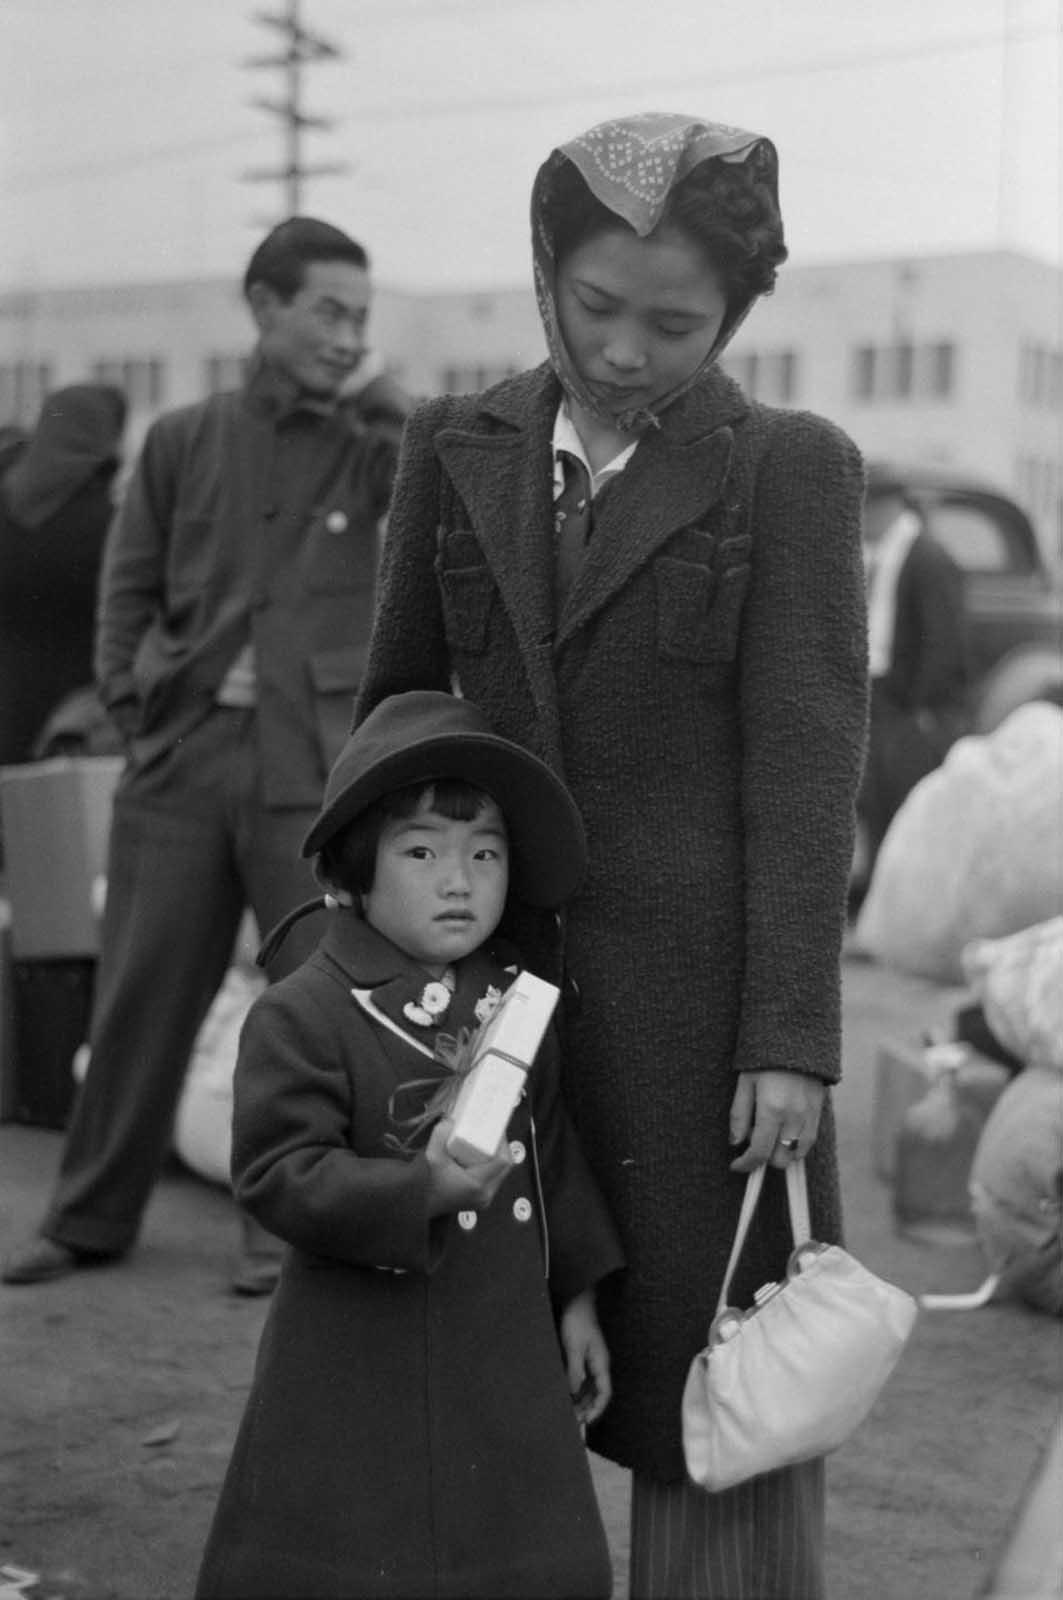 Una madre y su hija se reúnen para reubicarse en una estación de tren de Los Ángeles.